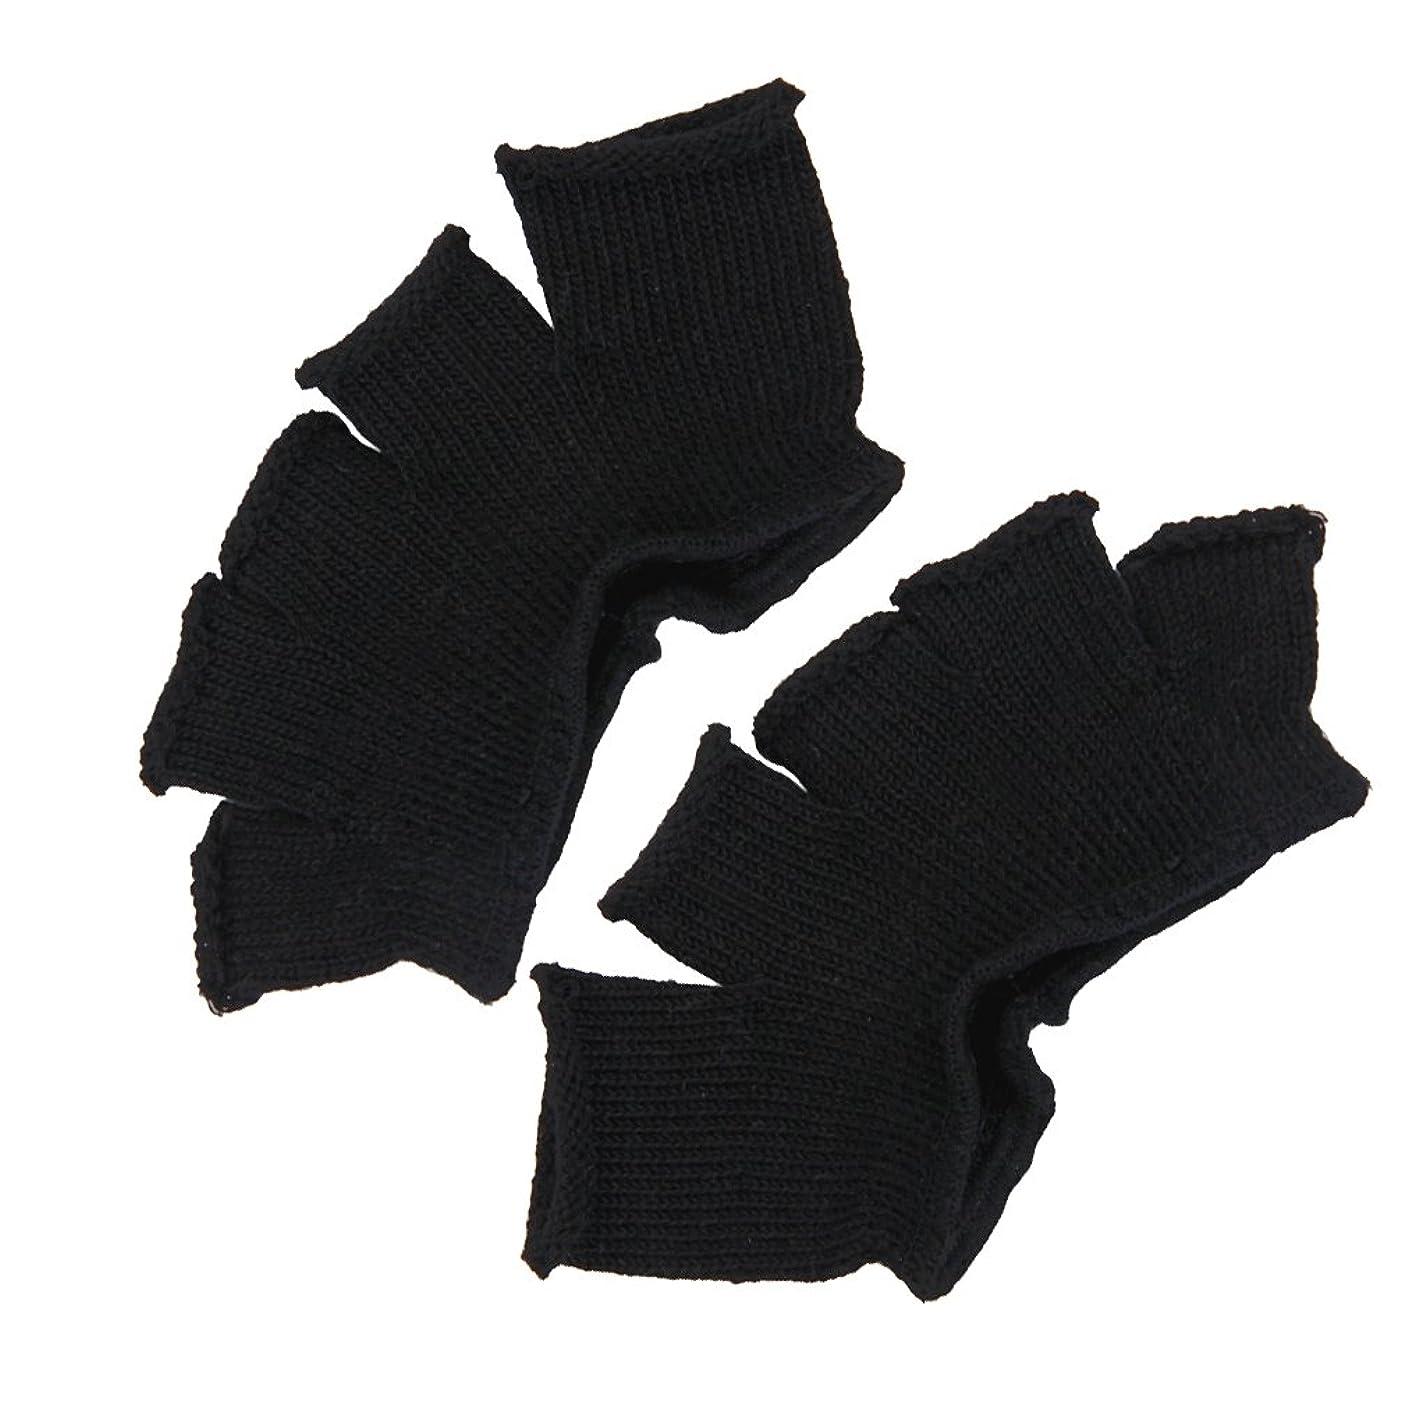 ナインへ感情のウィスキーFootful 5本指カバー 爽快指の間カバー 2枚組 男女兼用 足の臭い対策 抗菌 防臭 フットカバー (ブラック)